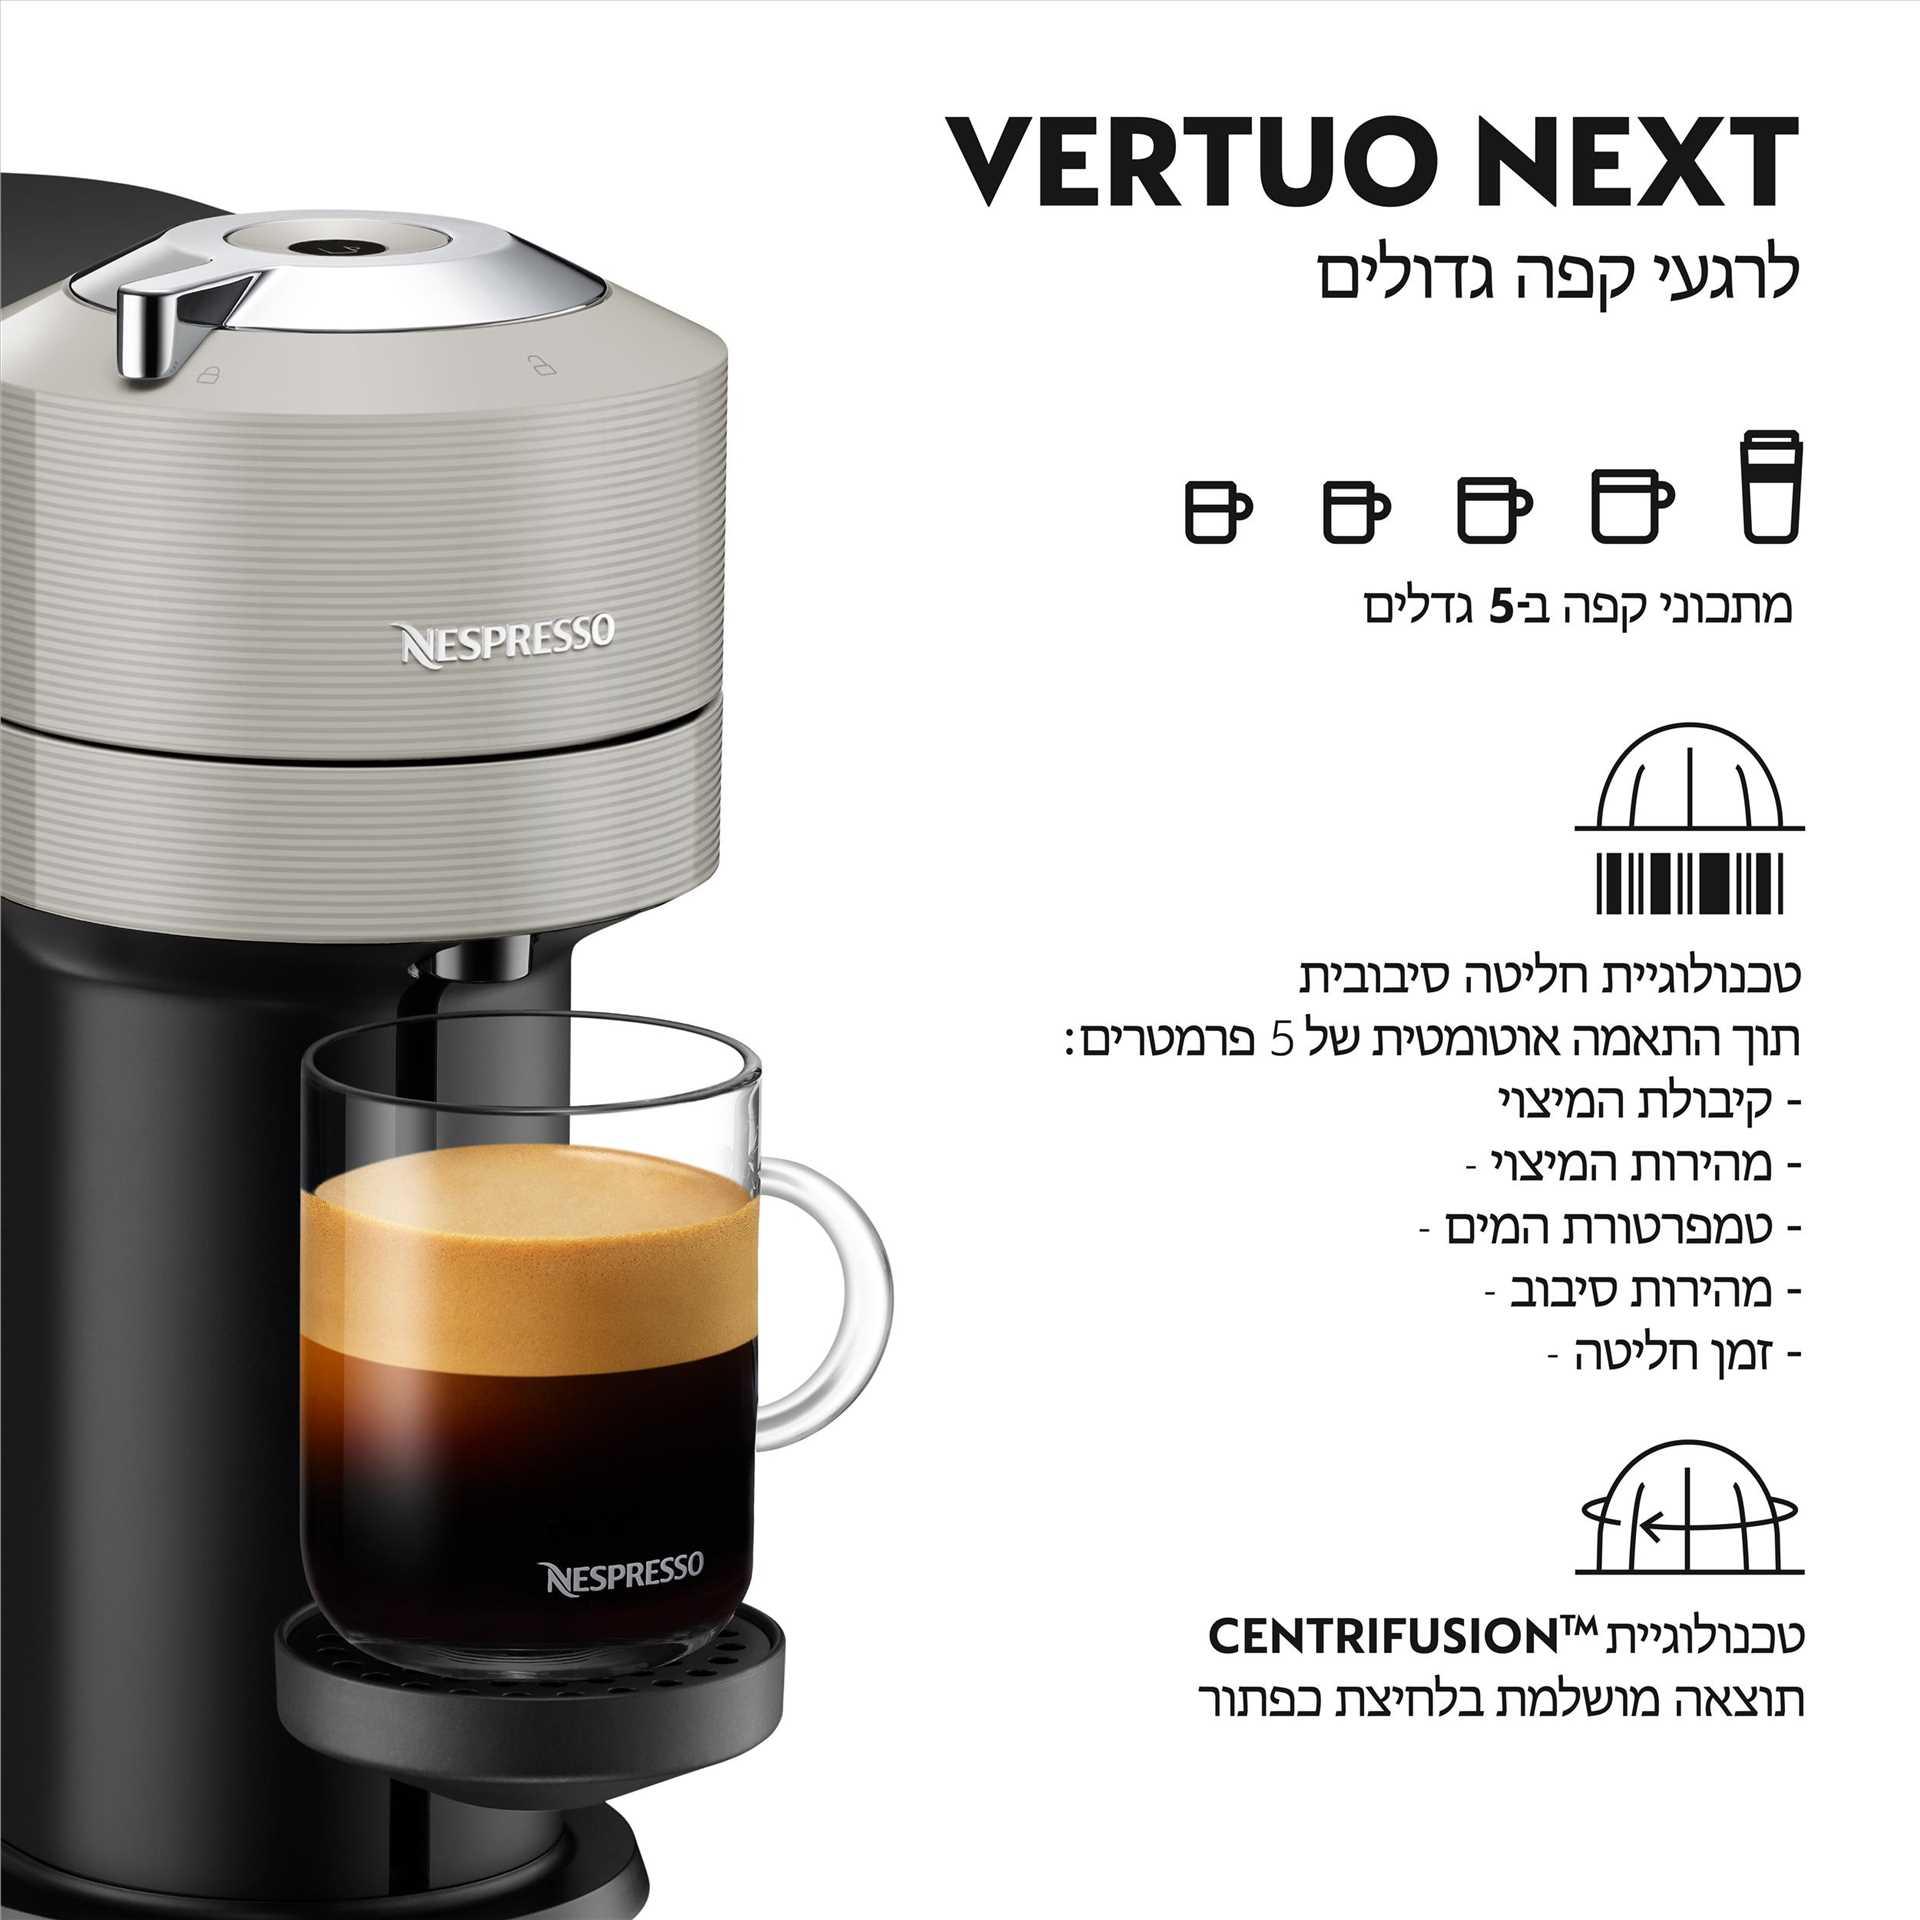 מכונת קפה NESPRESSO VertuoNext GCV1 אפור נספרסו - תמונה 2